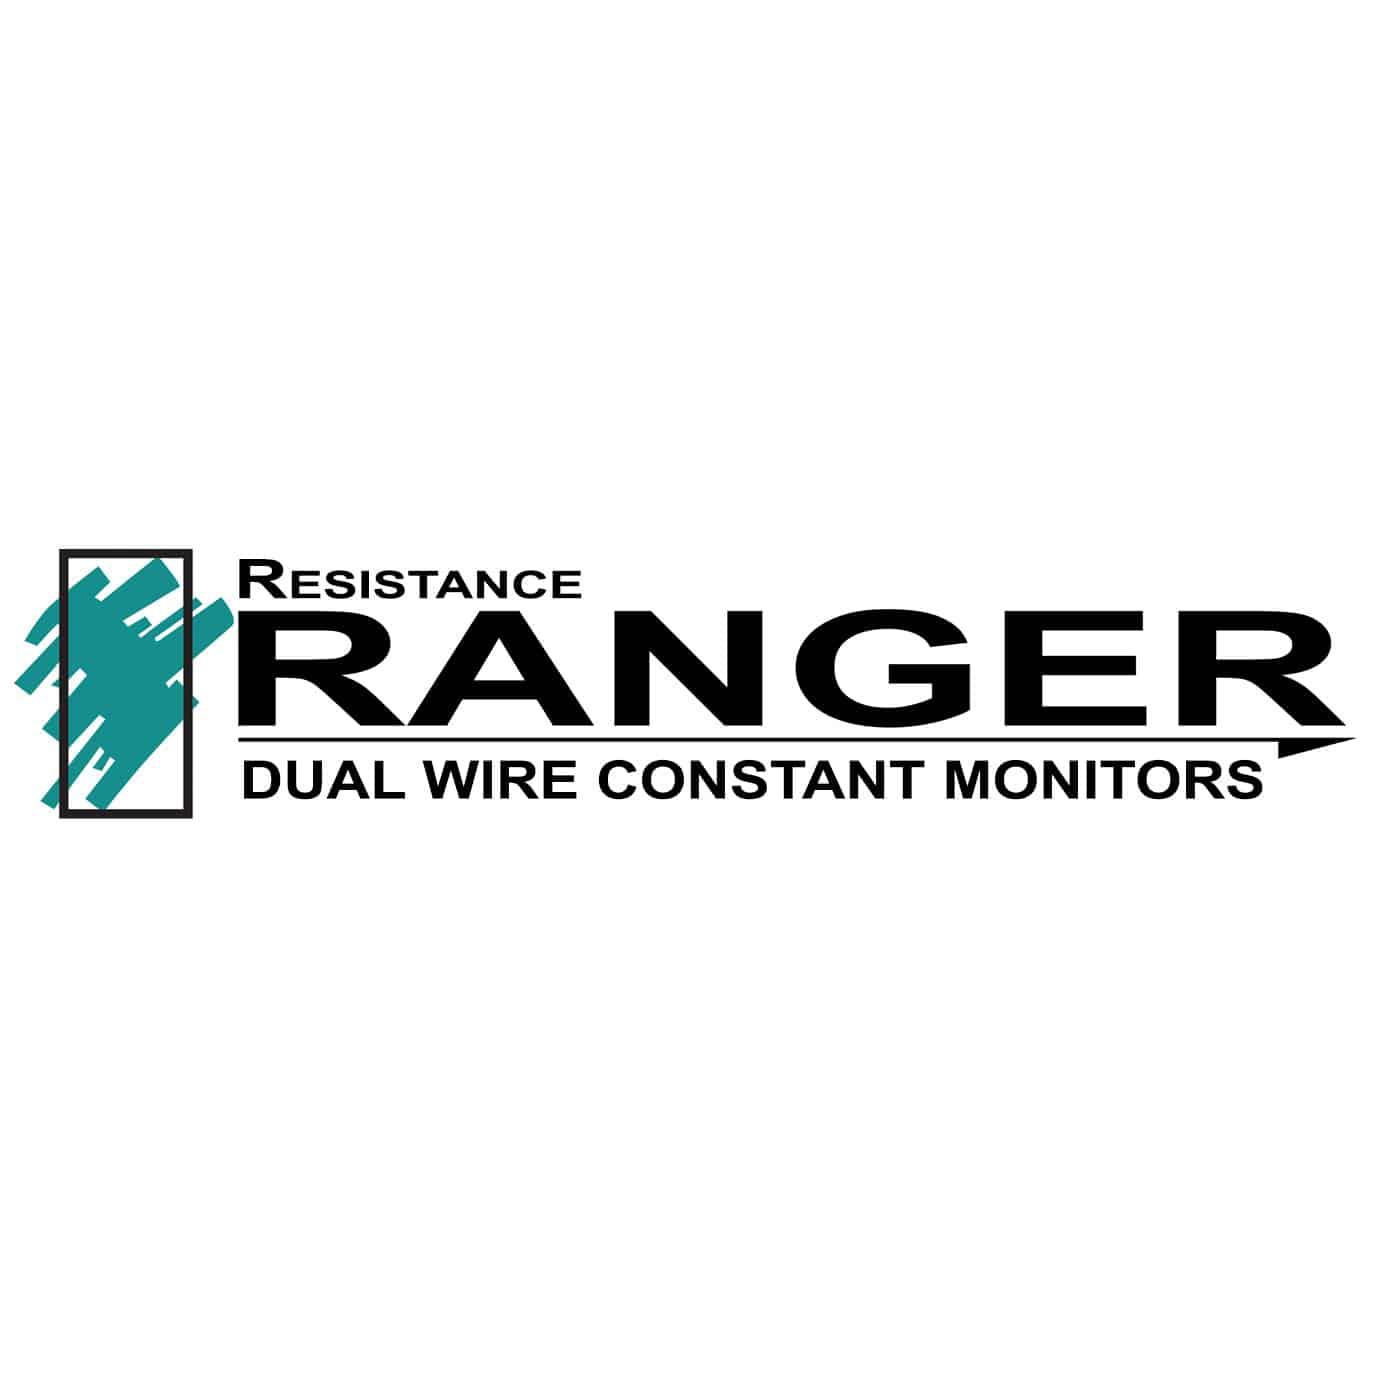 Resistance Ranger Logo